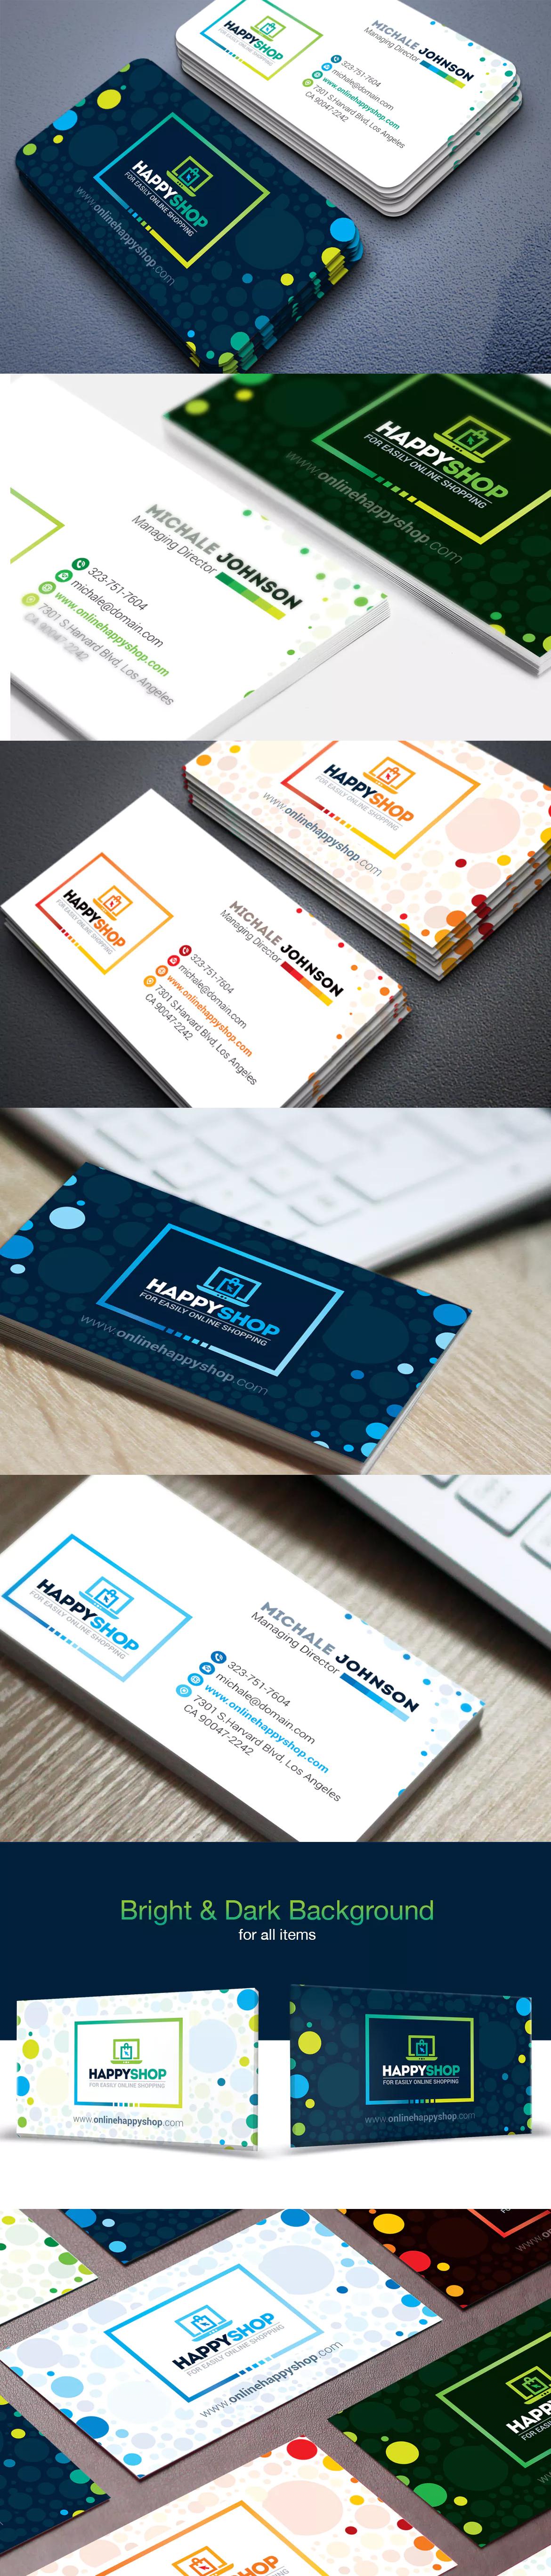 Happyshop business card e commerce online template ai eps happyshop business card e commerce online template ai eps psd wajeb Gallery